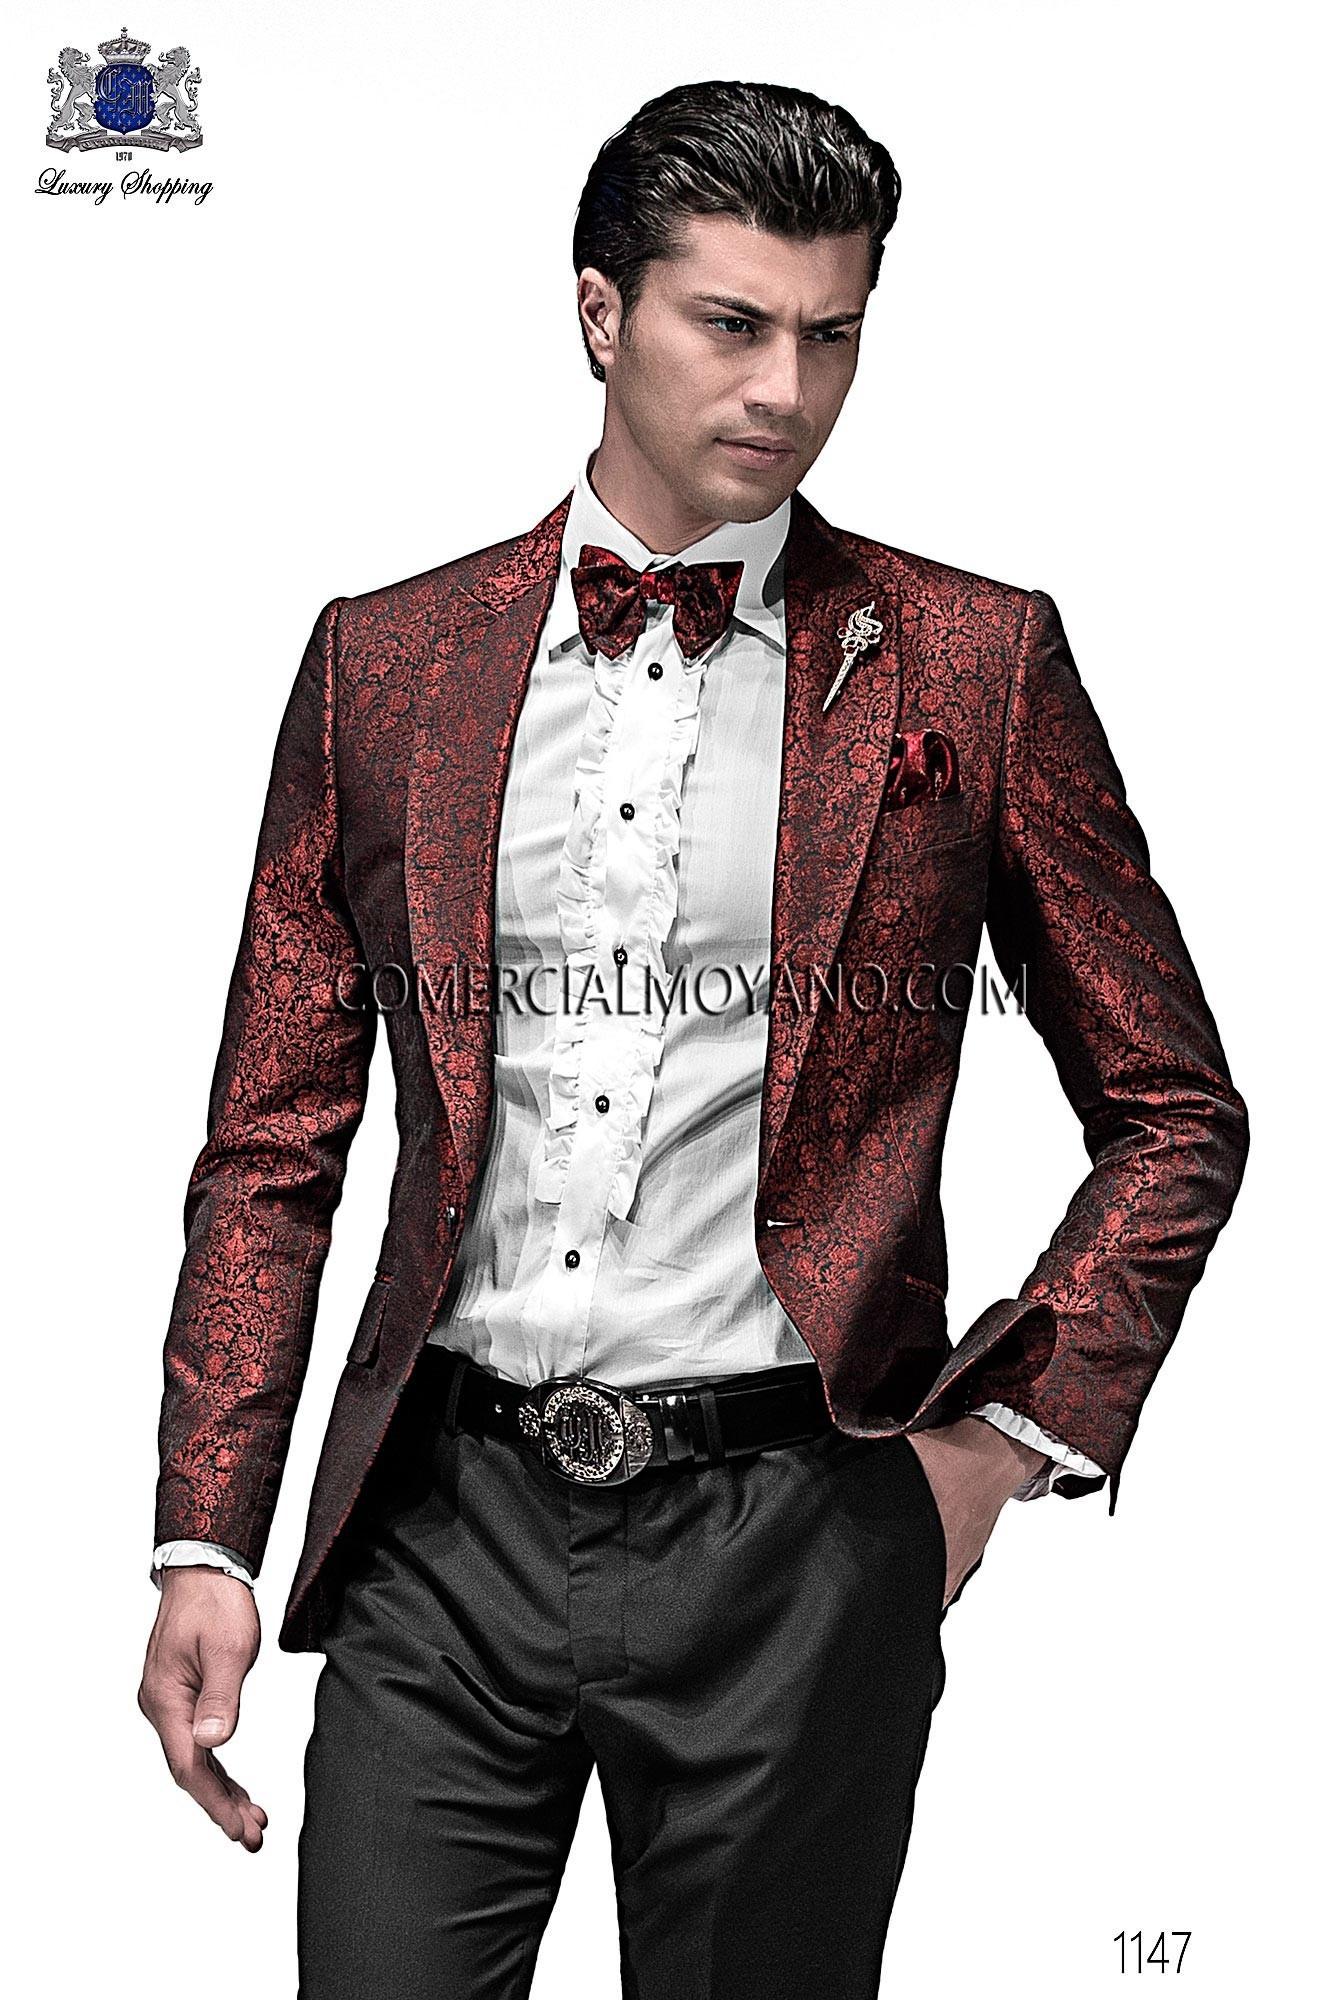 Traje Emotion de novio negro/rojo modelo: 1147 Ottavio Nuccio Gala colección Emotion